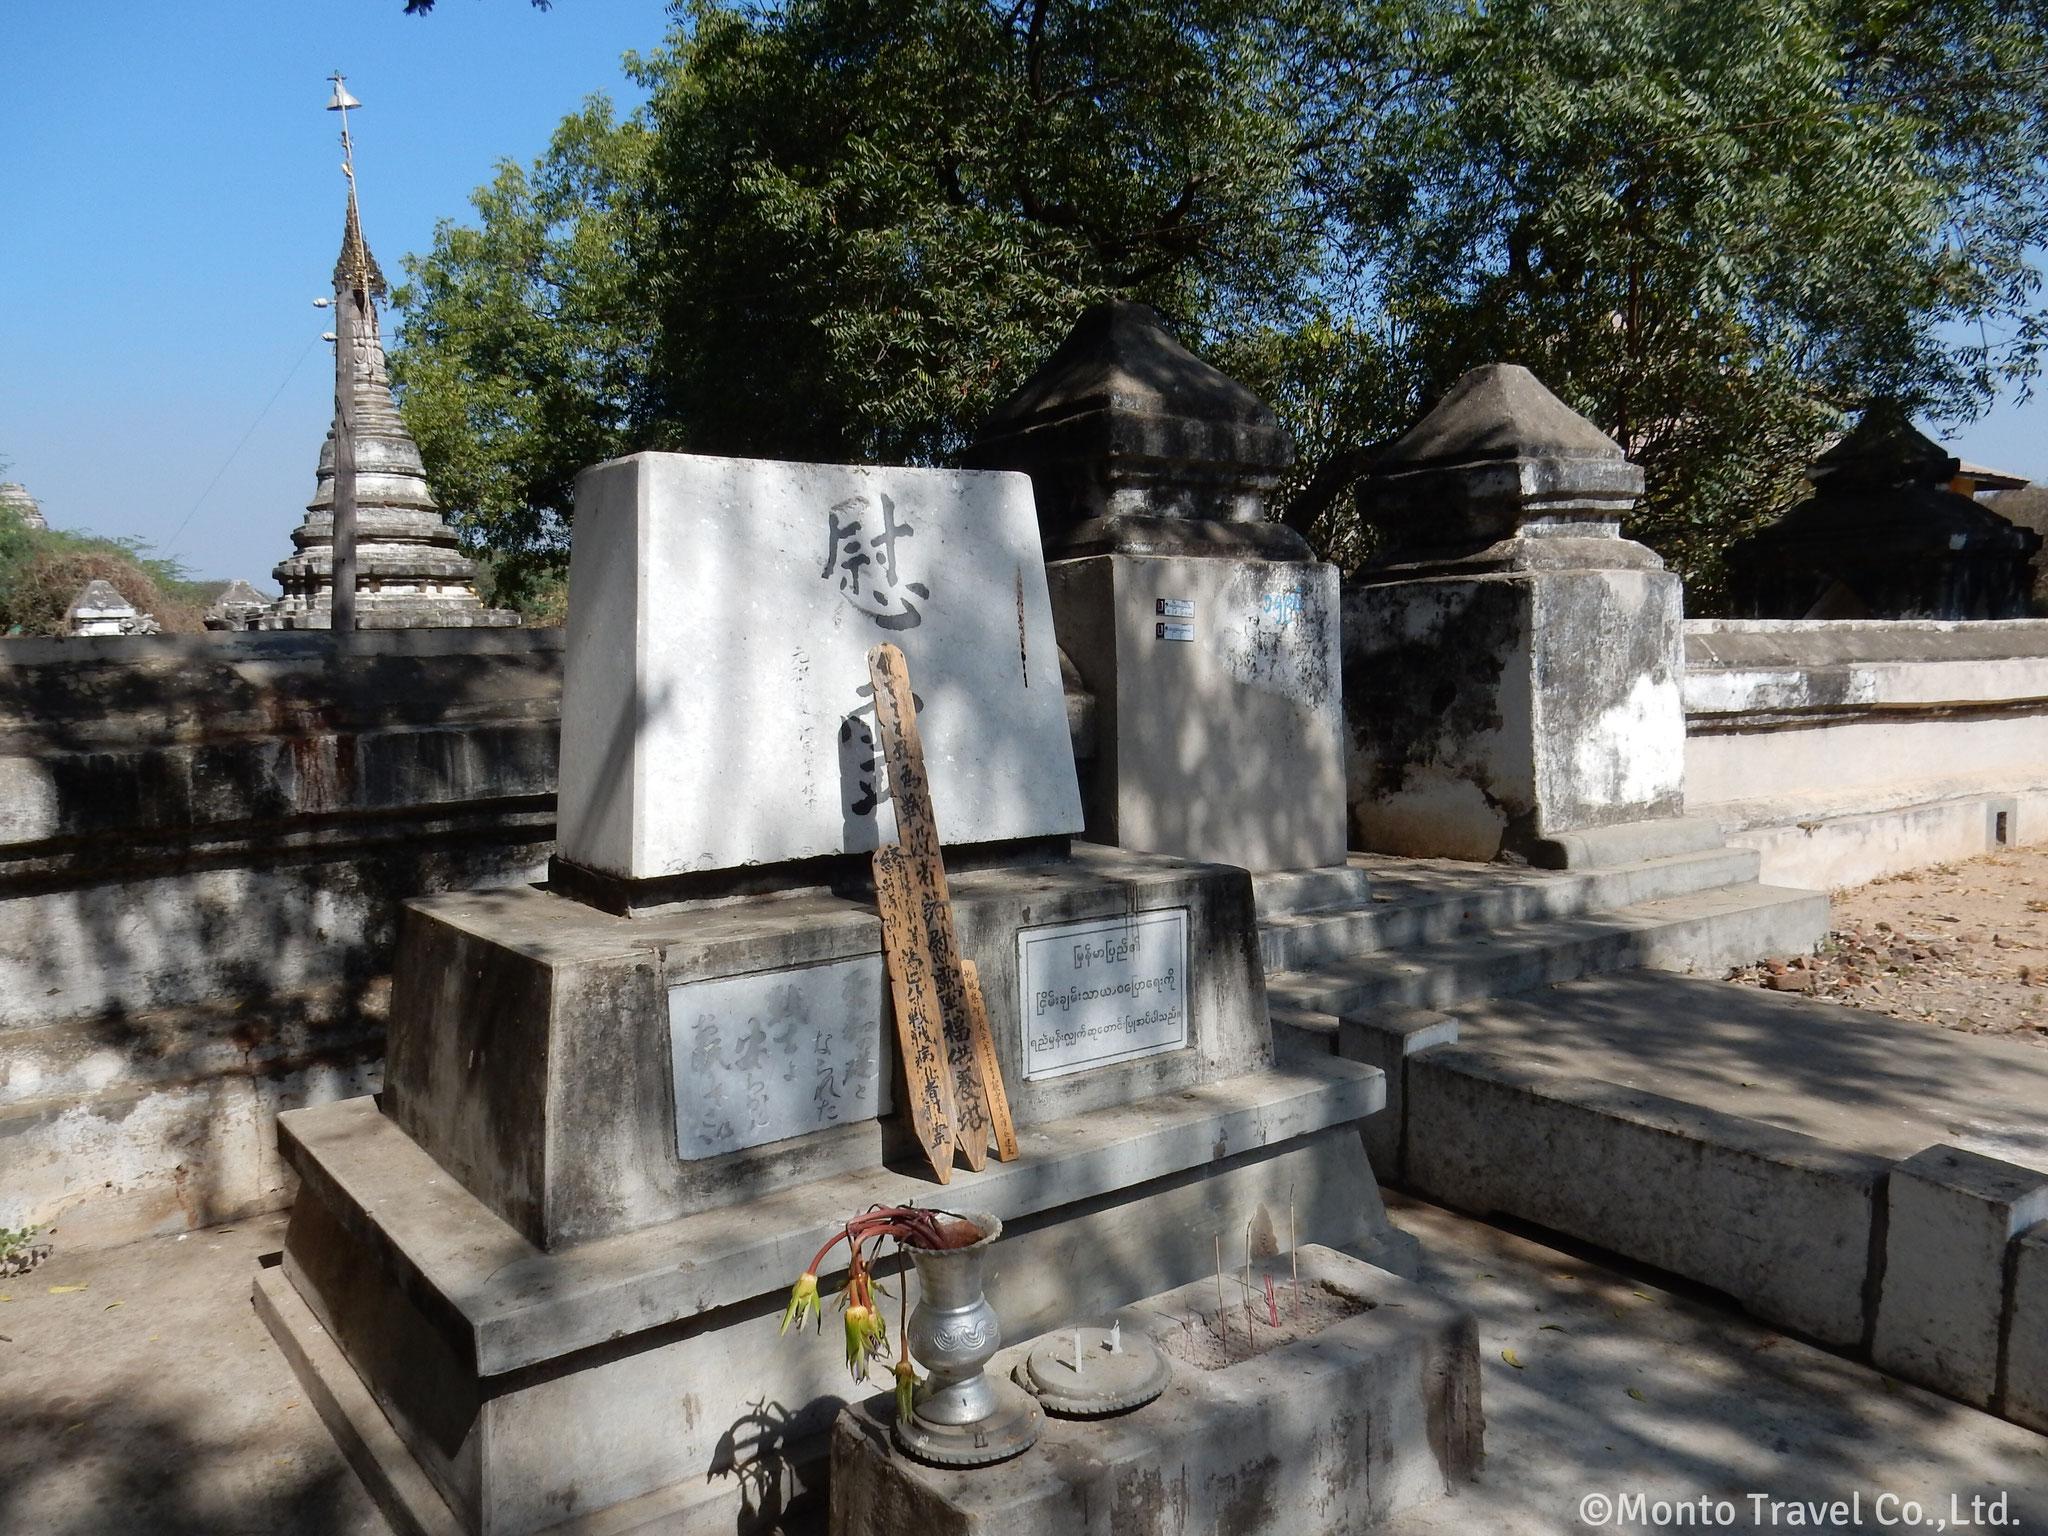 ビルマで戦死された方々の慰霊碑